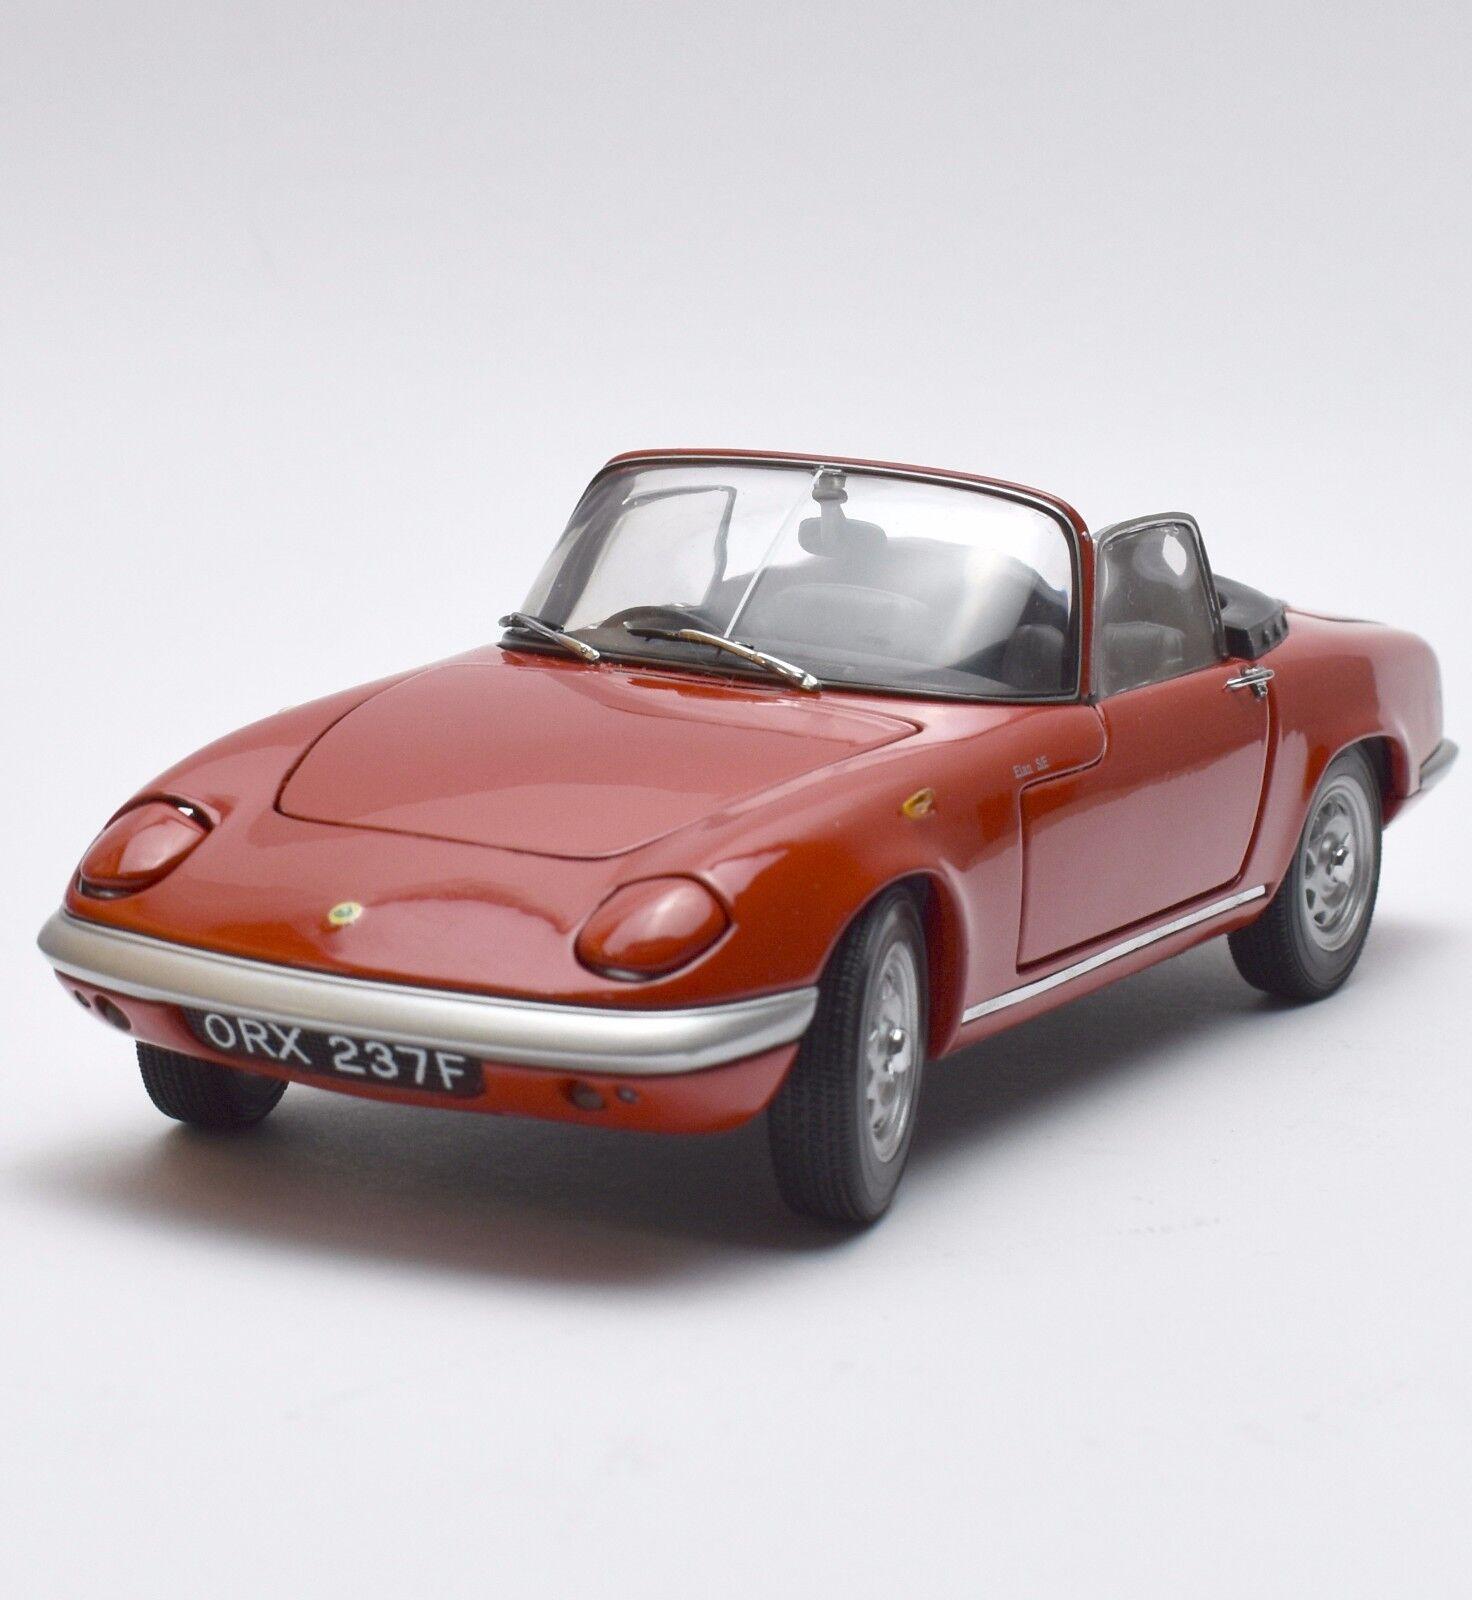 hasta un 50% de descuento Sun Sun Sun Estrella 4051 Lotus Elan s3 auto deportivo año 1966 en rojo lacado, embalaje original, 1 18, k015  te hará satisfecho